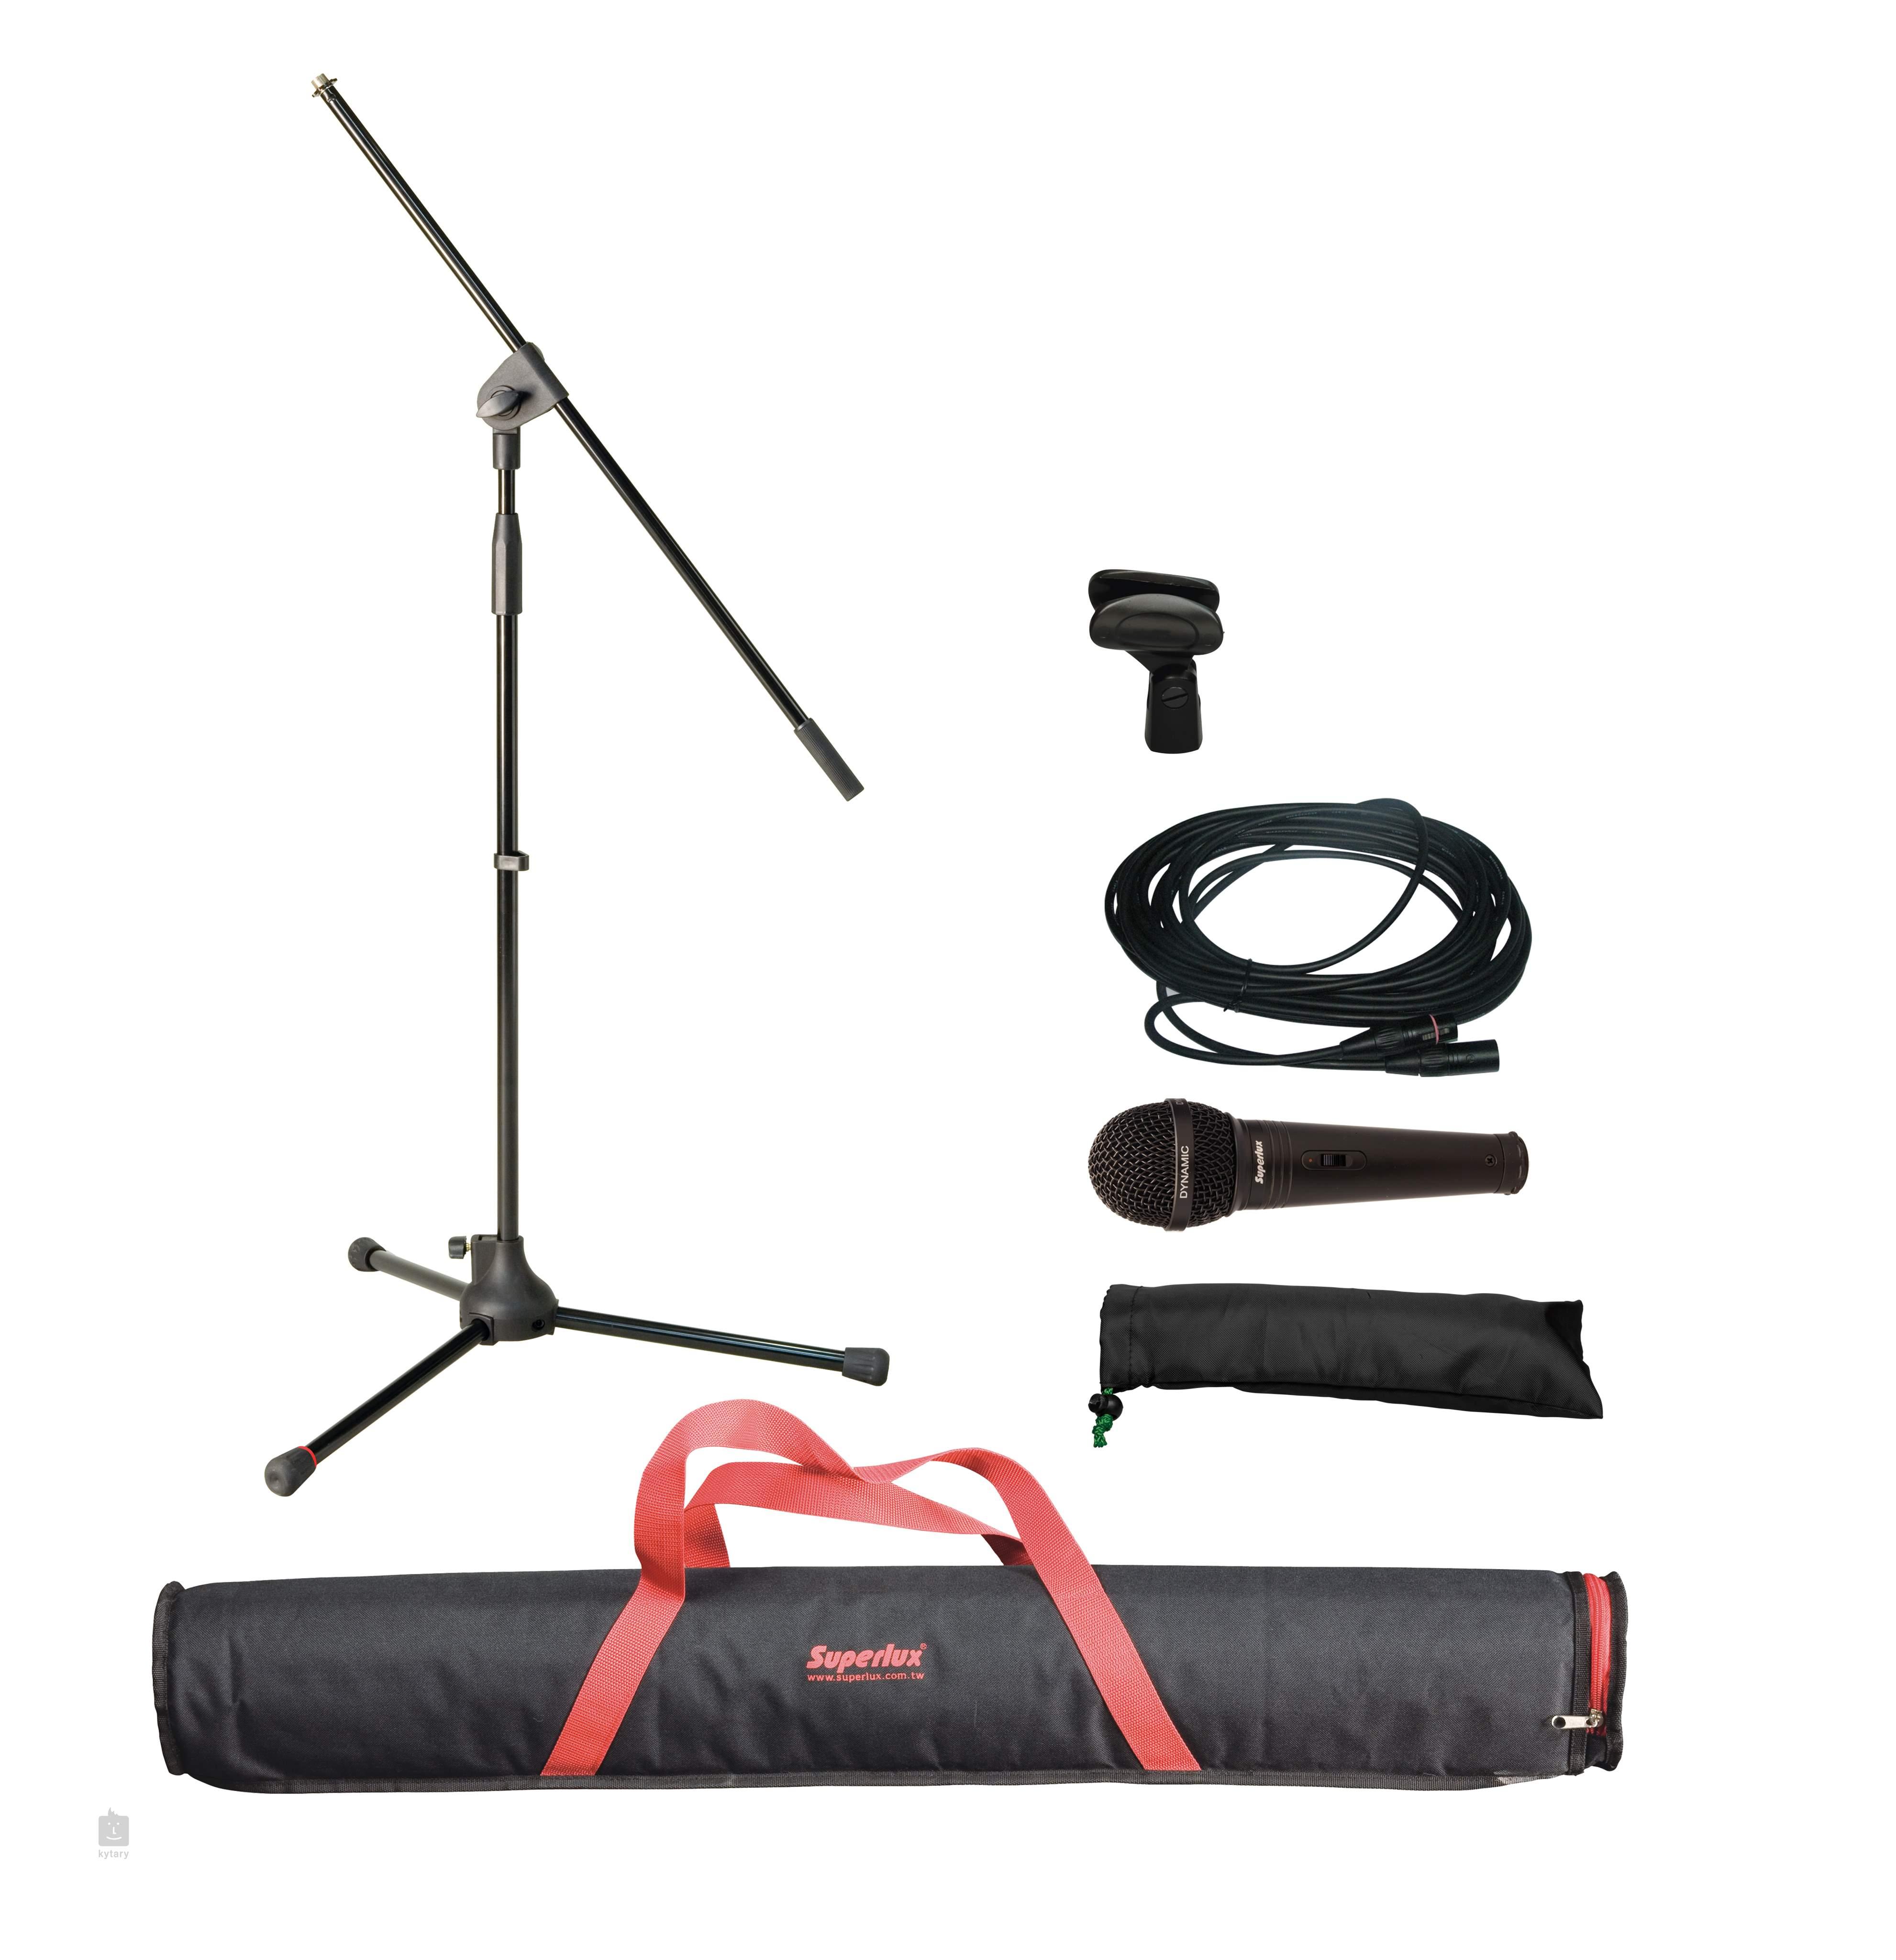 superlux gl 100 dynamic microphone set. Black Bedroom Furniture Sets. Home Design Ideas